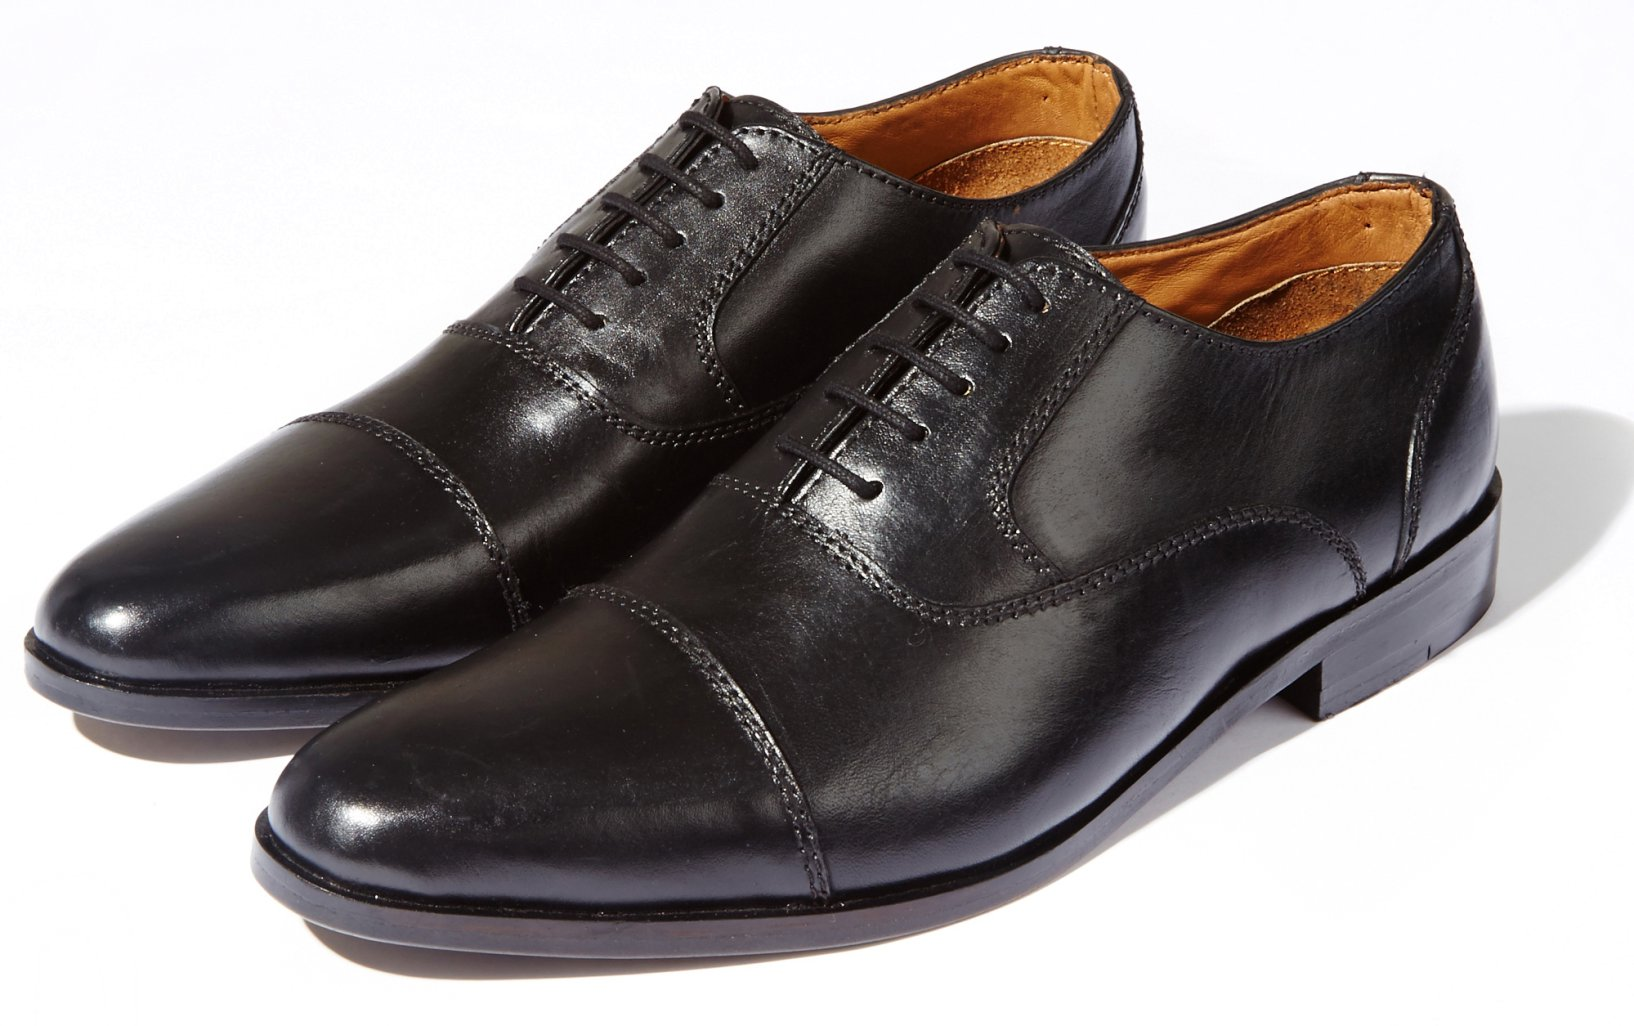 acheter et vendre authentique chaussure de ville blanche